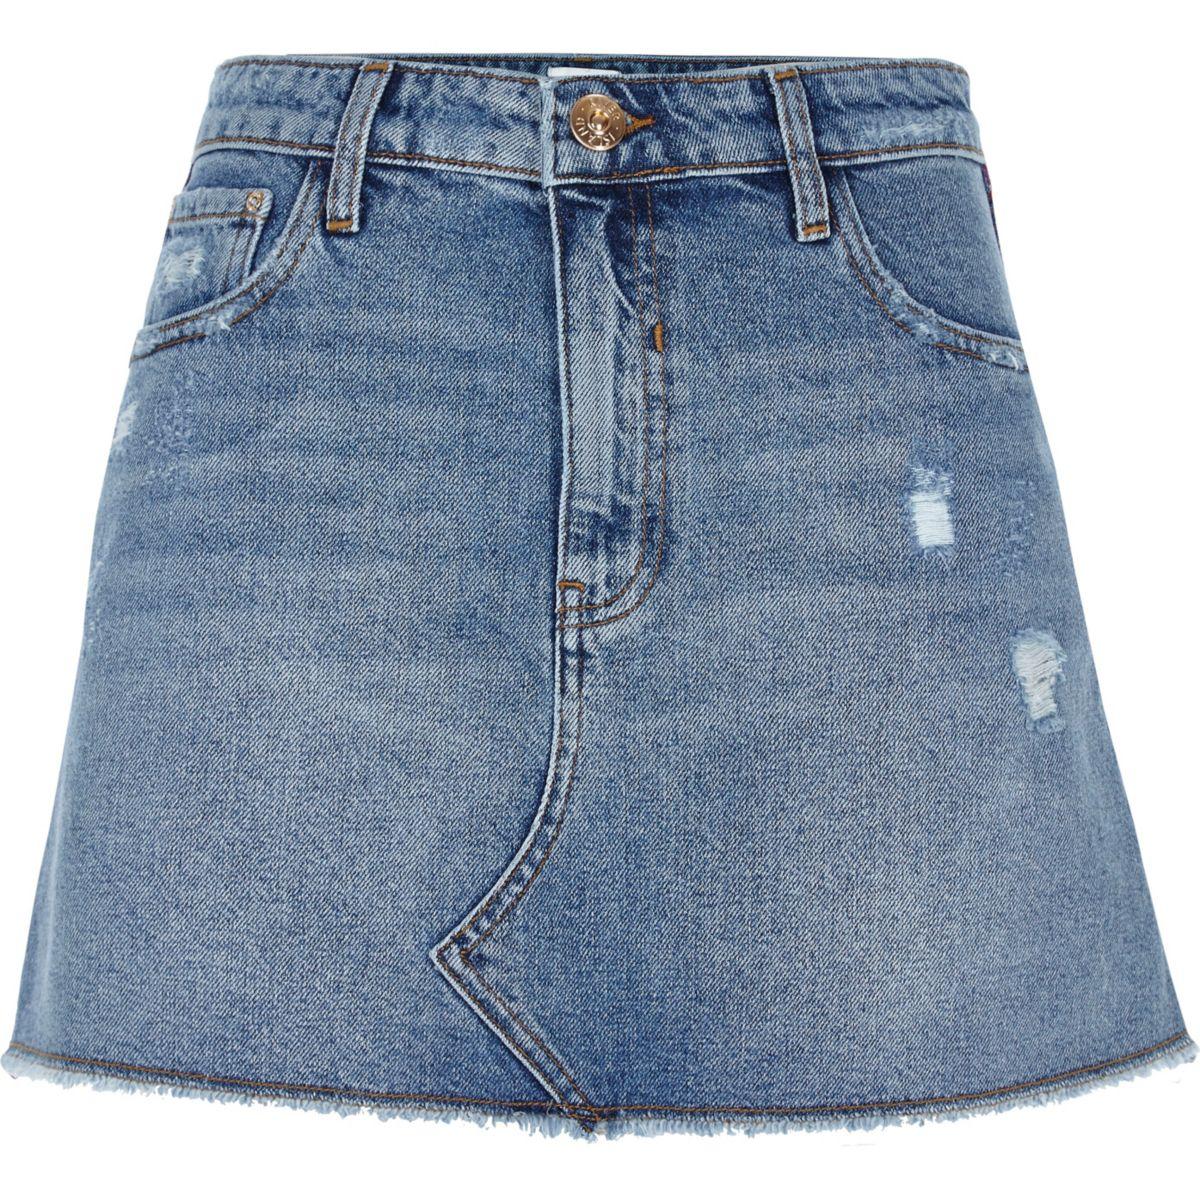 Mid blue denim distressed mini skirt